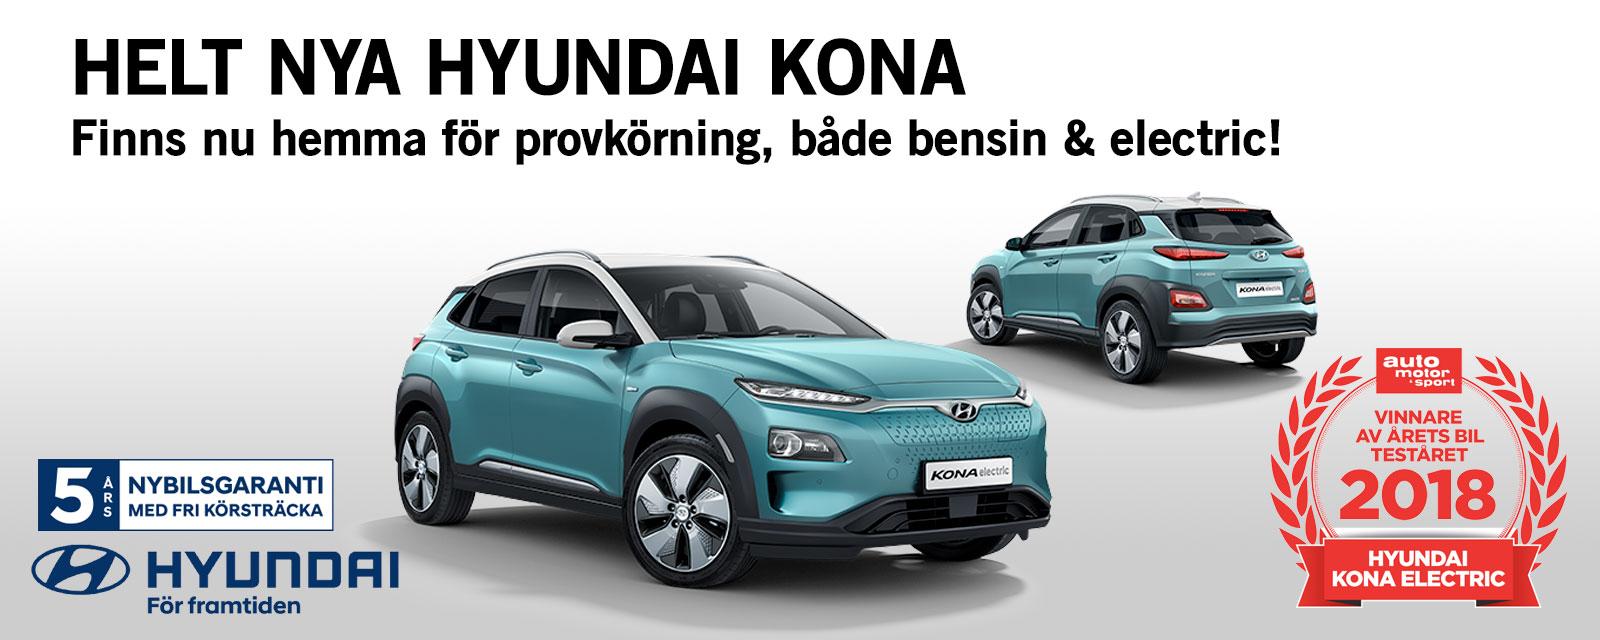 Fribrocks Bil AB - Nya Hyundai Kona